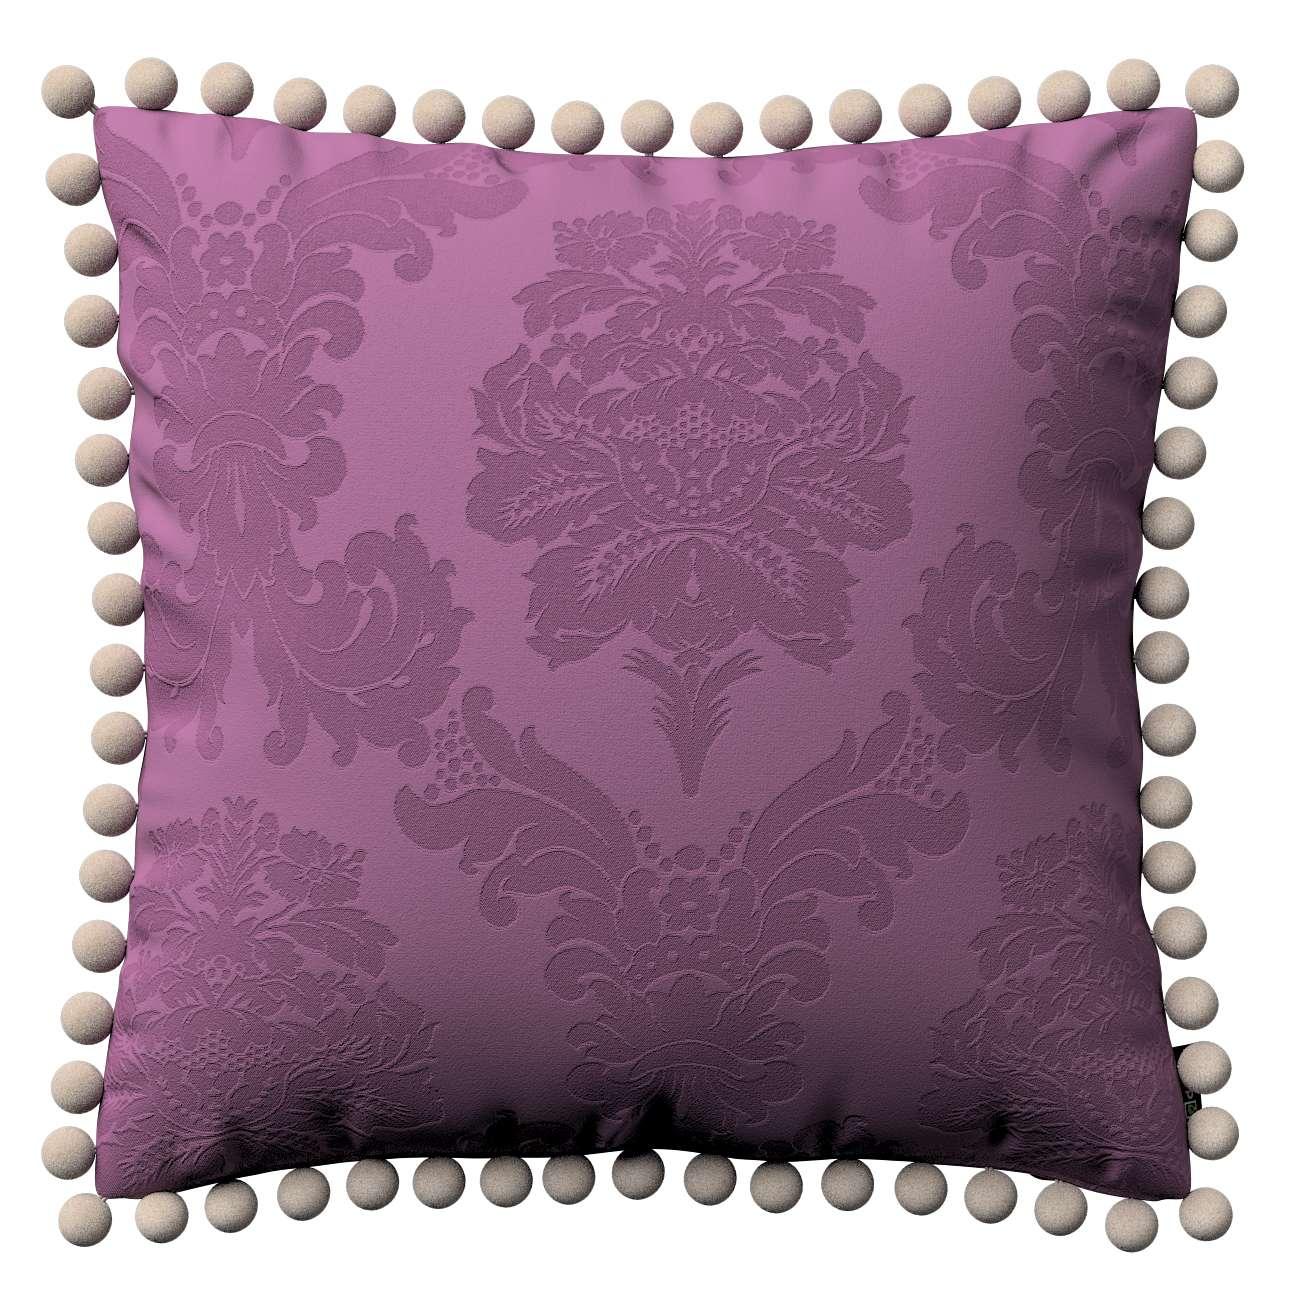 Poszewka Wera na poduszkę 45 x 45 cm w kolekcji Damasco, tkanina: 613-75